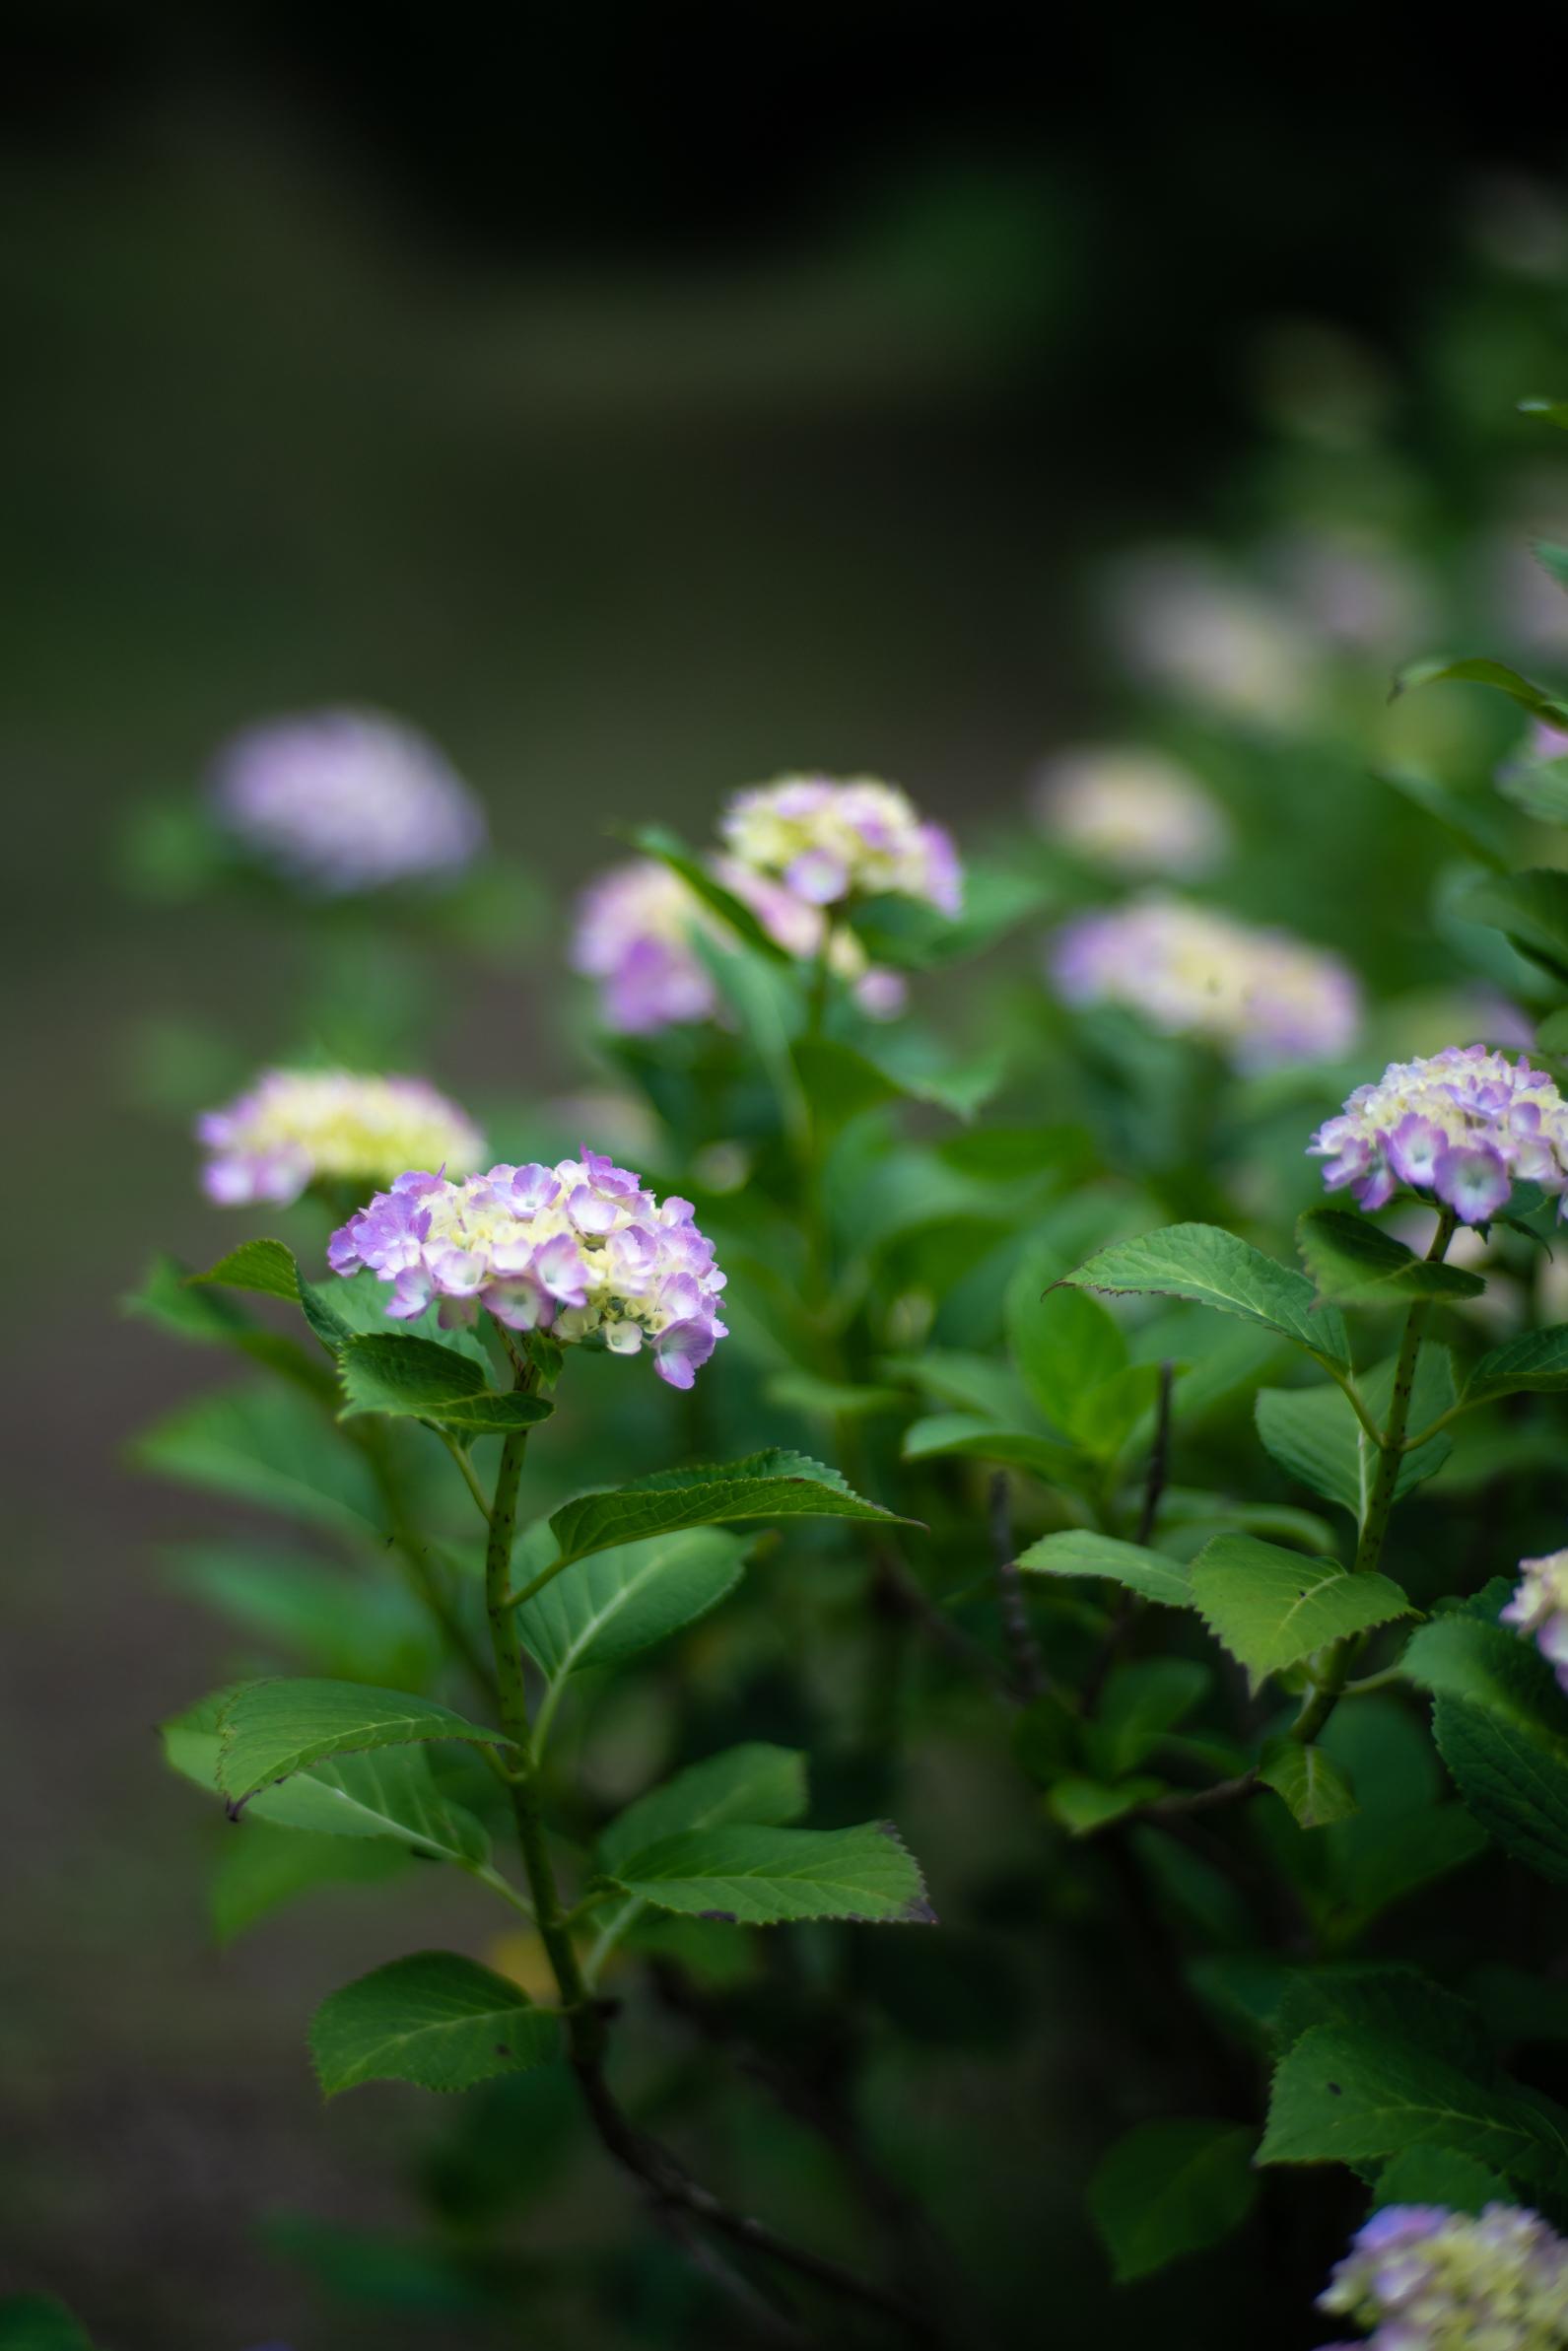 2020.06.21 秩父美の山公園 紫陽花-15.jpg